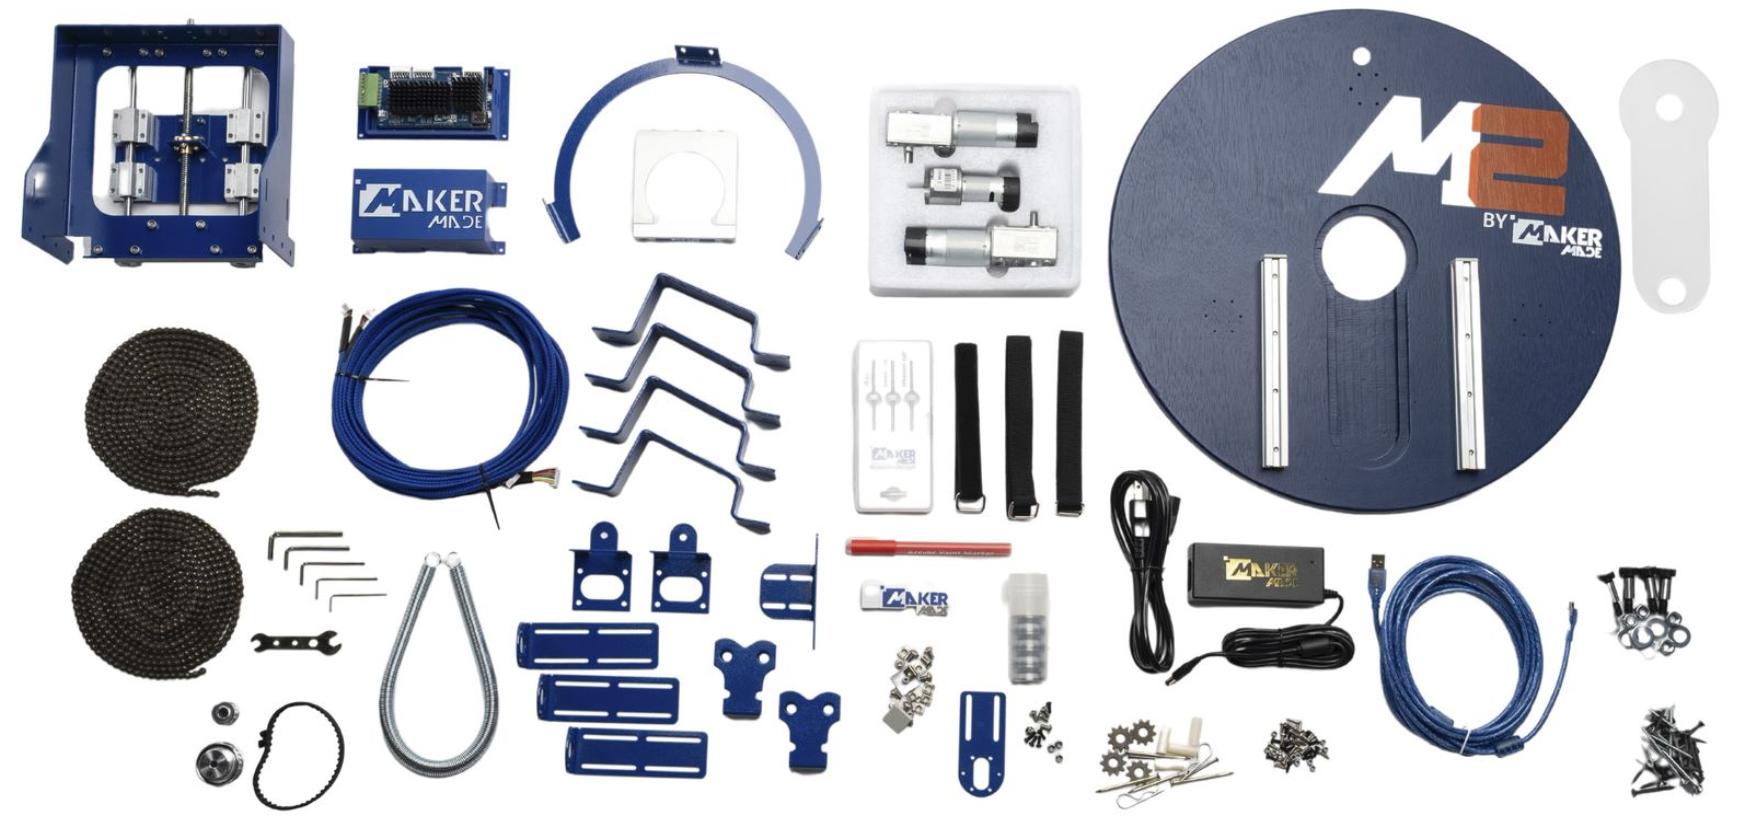 M2 Kit Contents